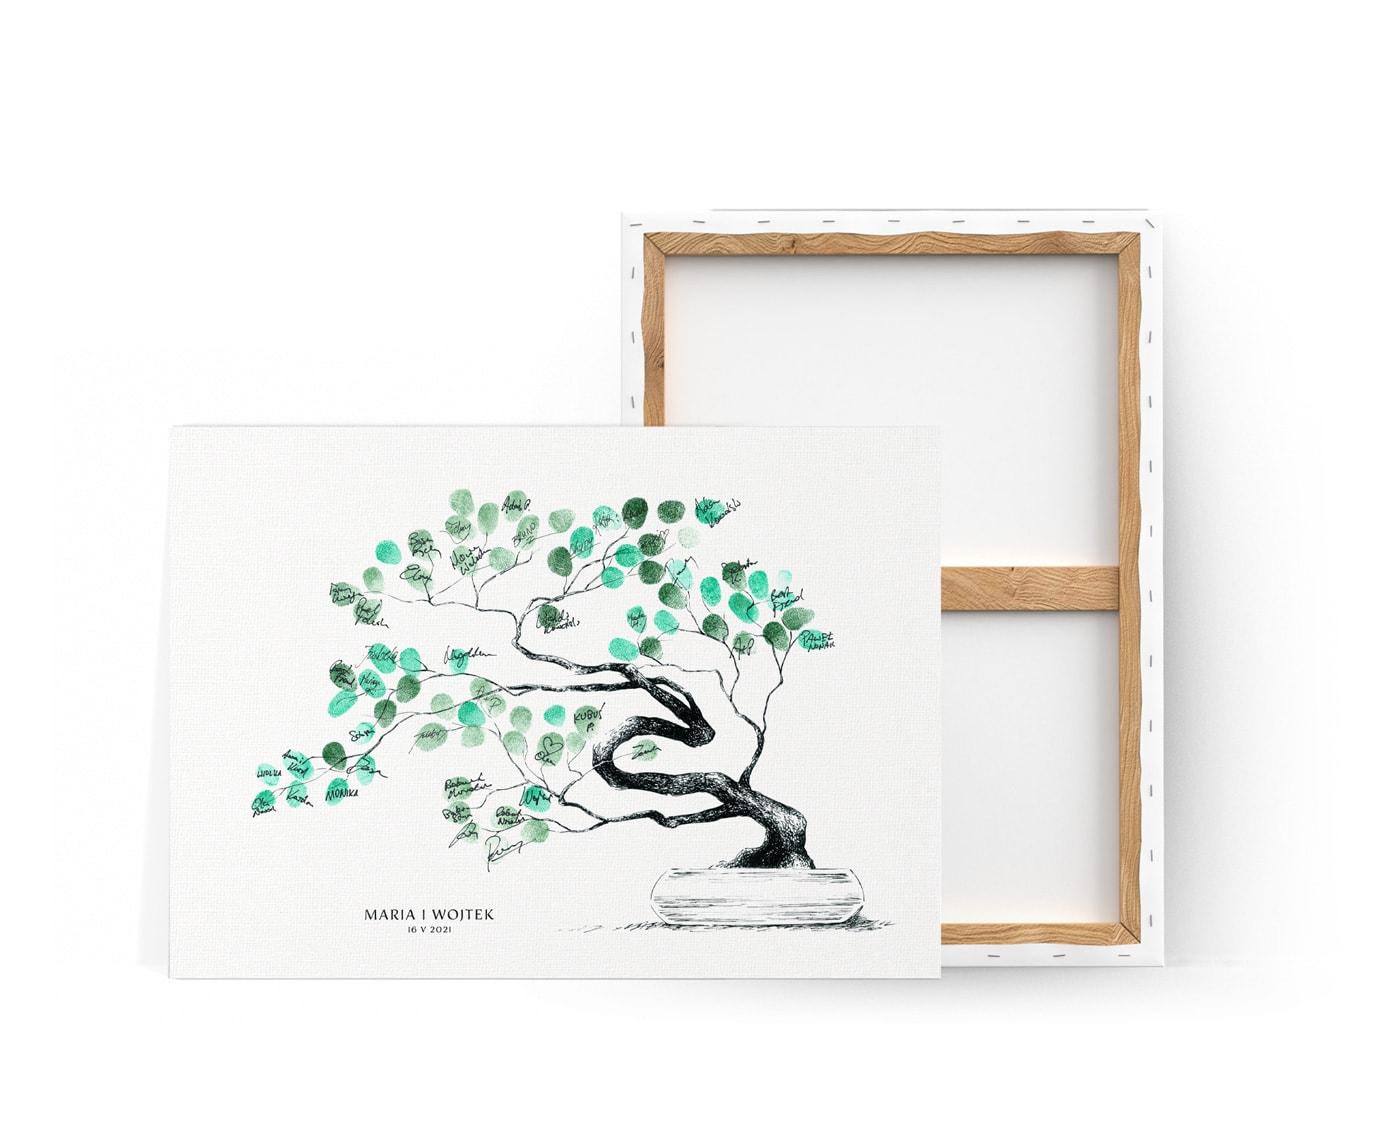 Księga gości z rysunkiem drzewka bonsai na którym goście pozostawiają odciski palców